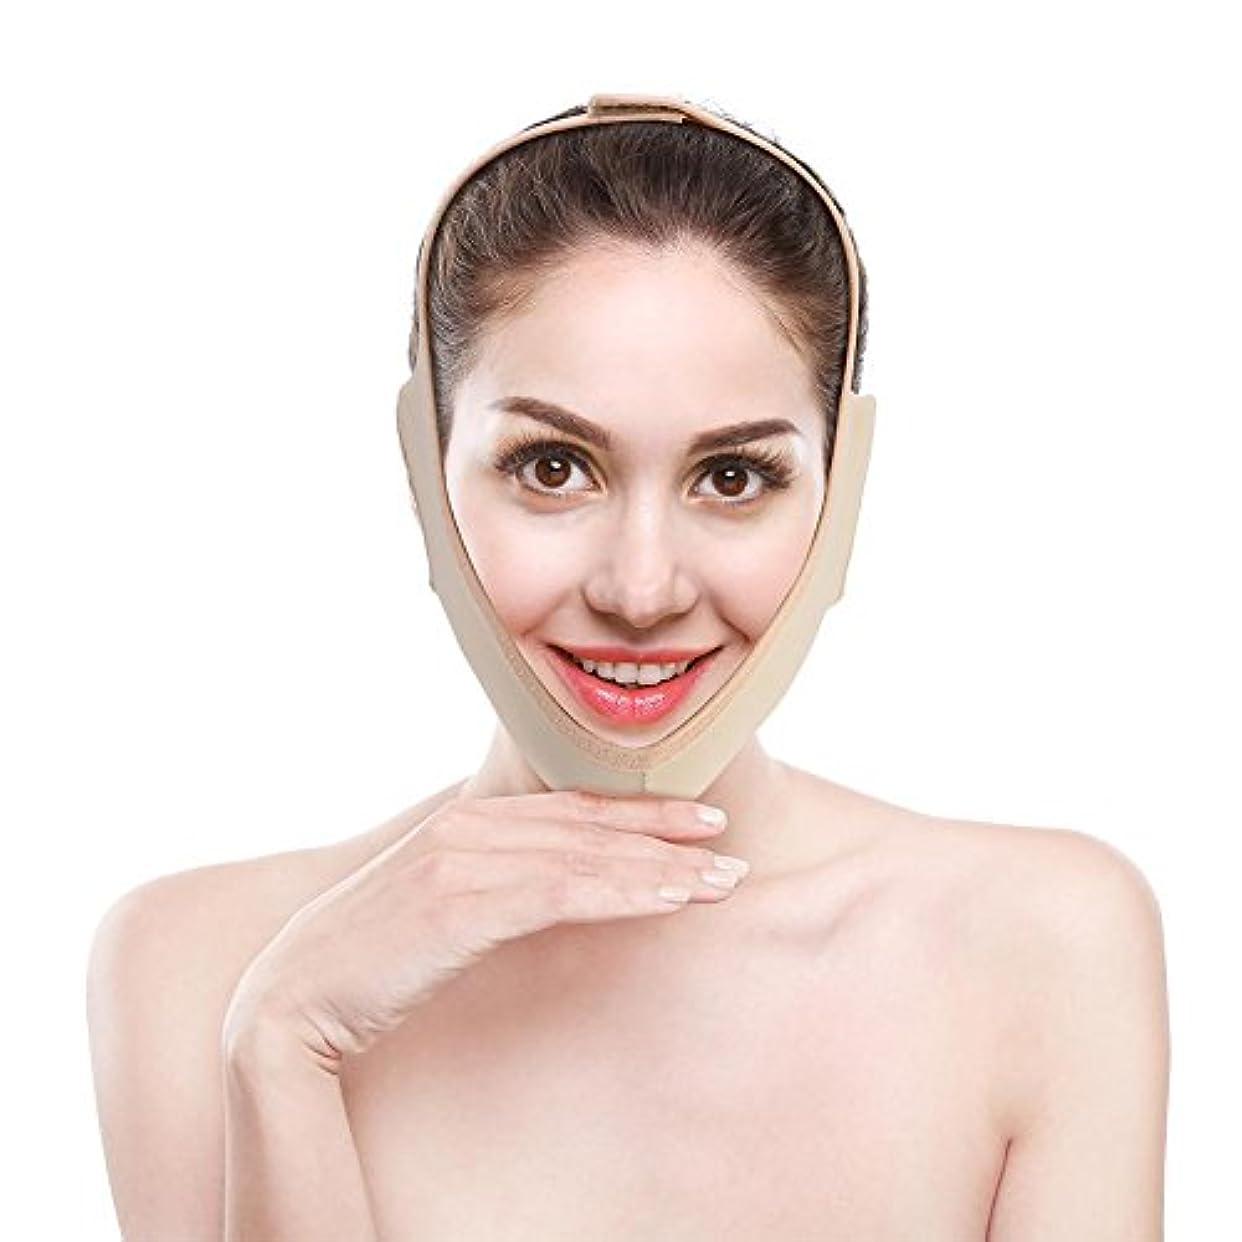 相反する陰謀きょうだい顔の輪郭を改善するVフェイス包帯、フェイスリフト用フェイスマスク、通気性/伸縮性/非変形性(M)